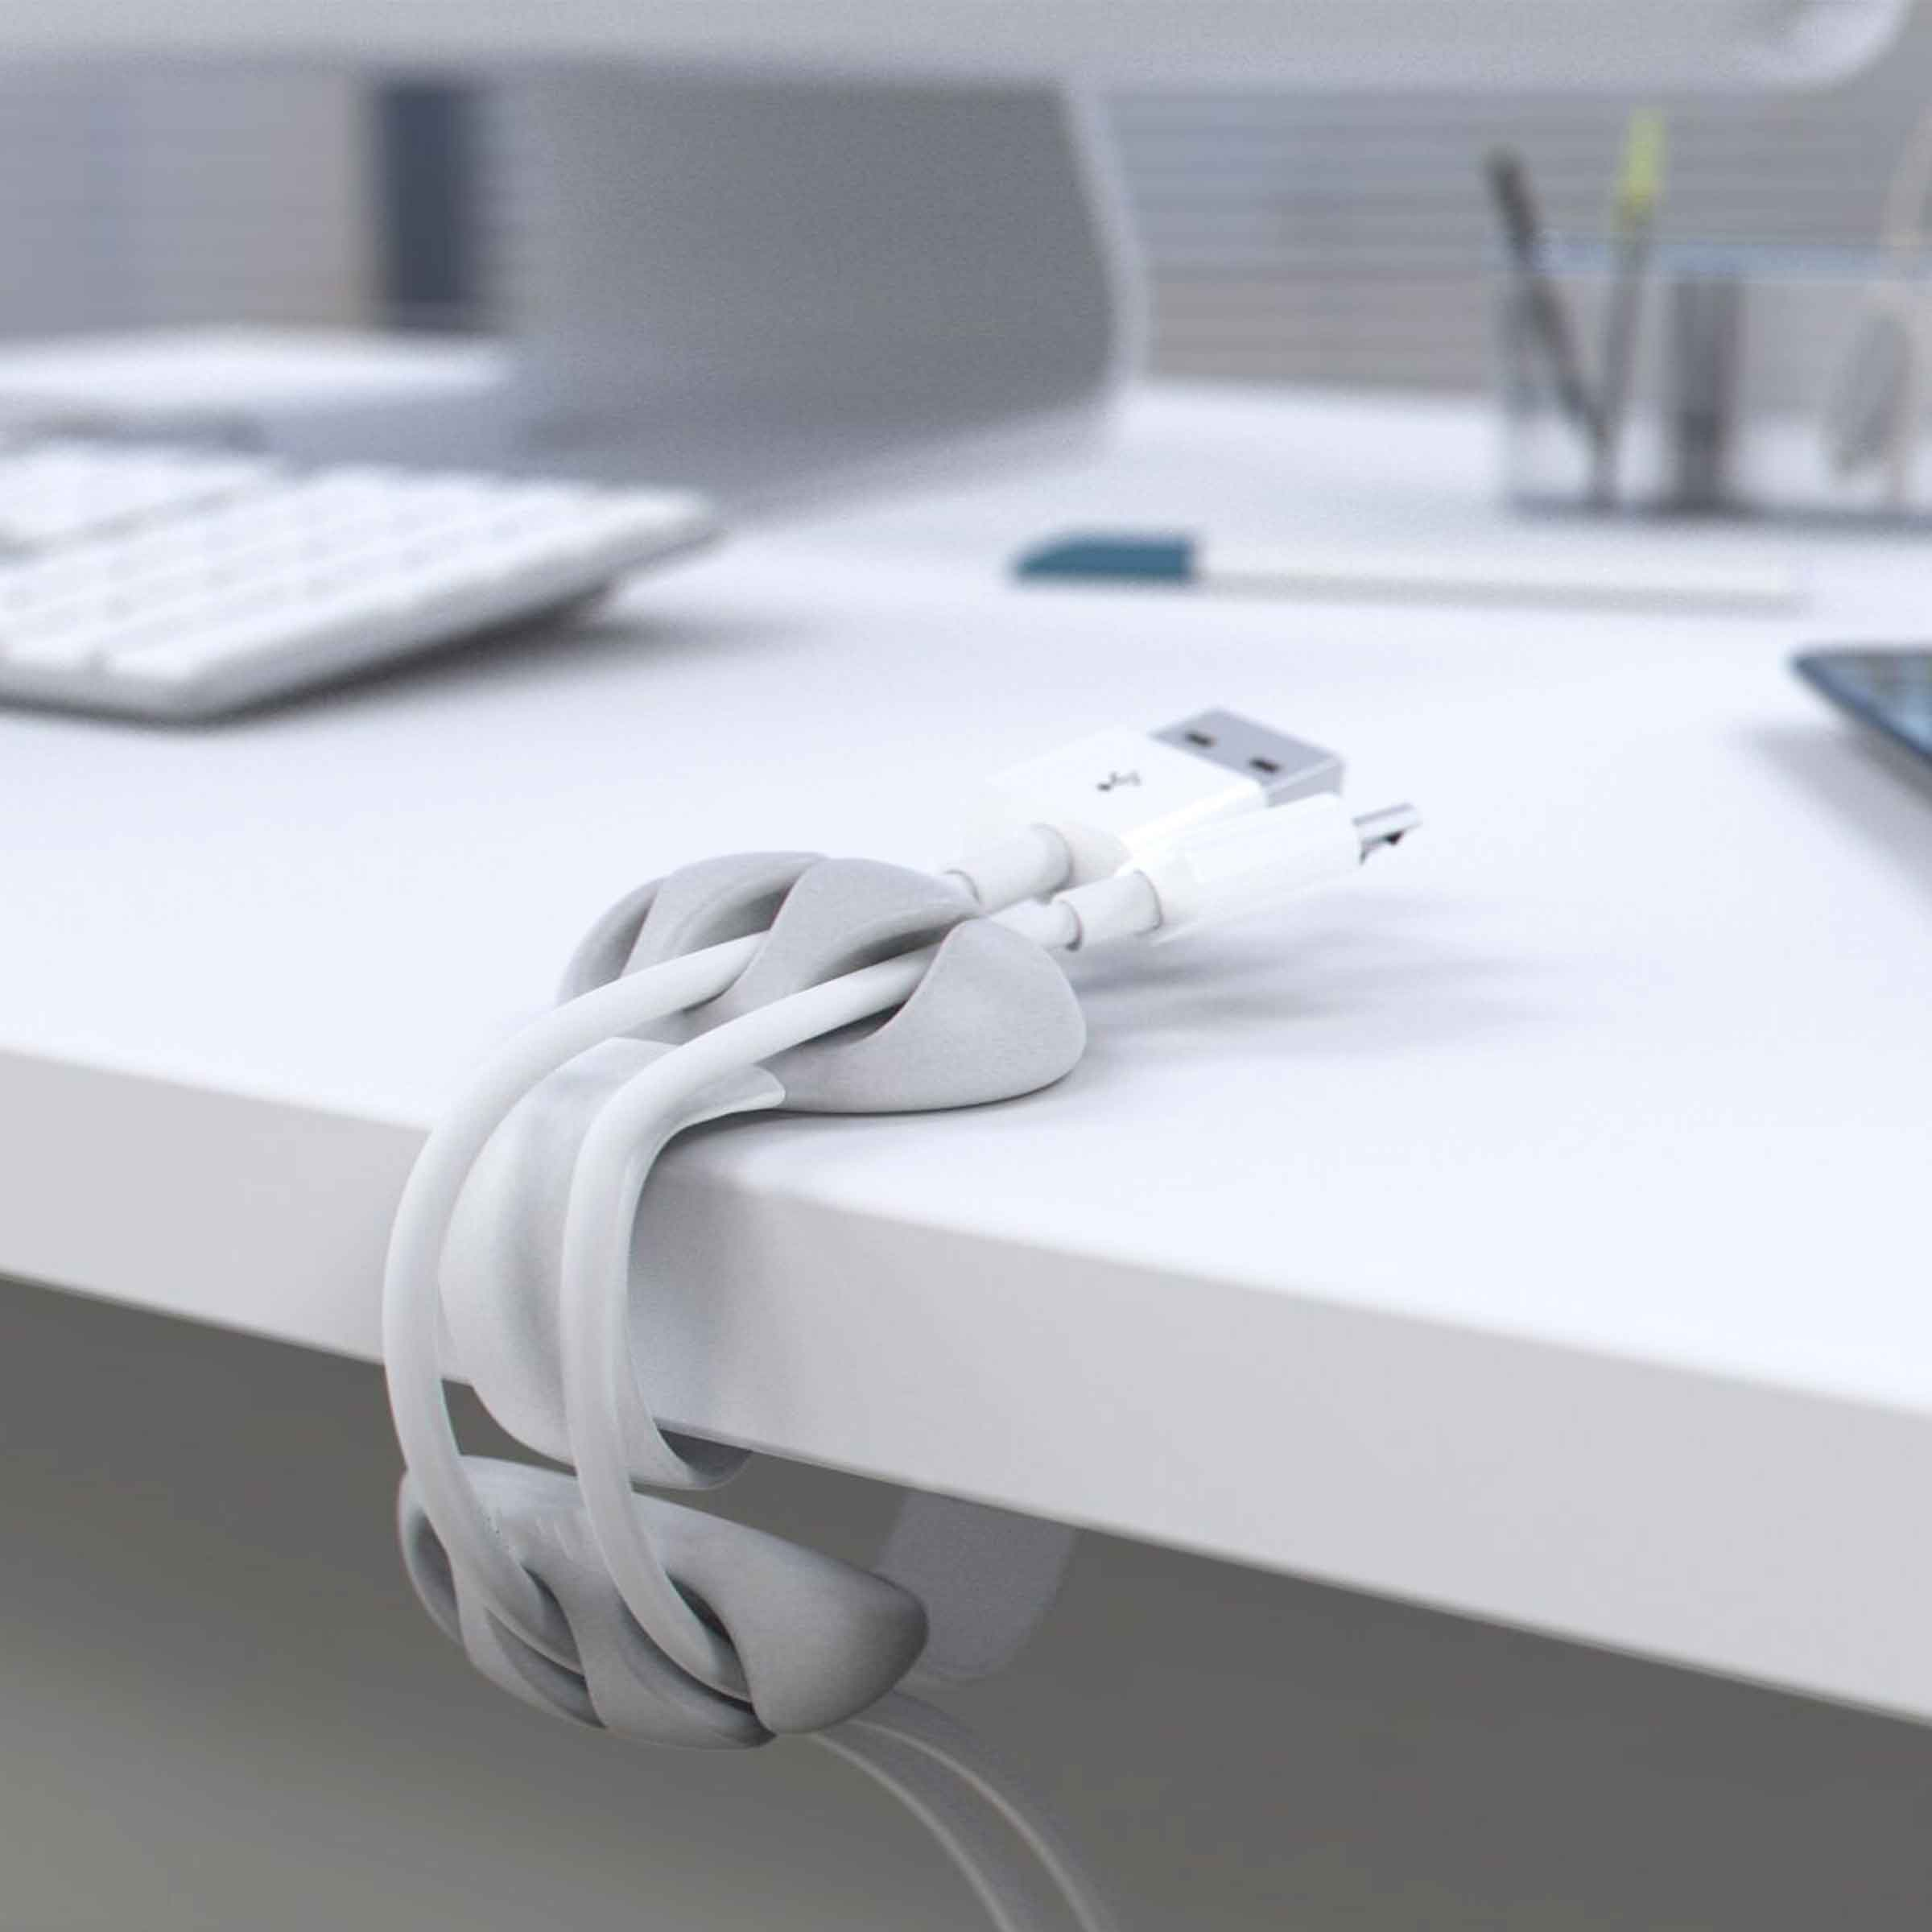 Attache blanche clipsable en plastique pour câbles électriques